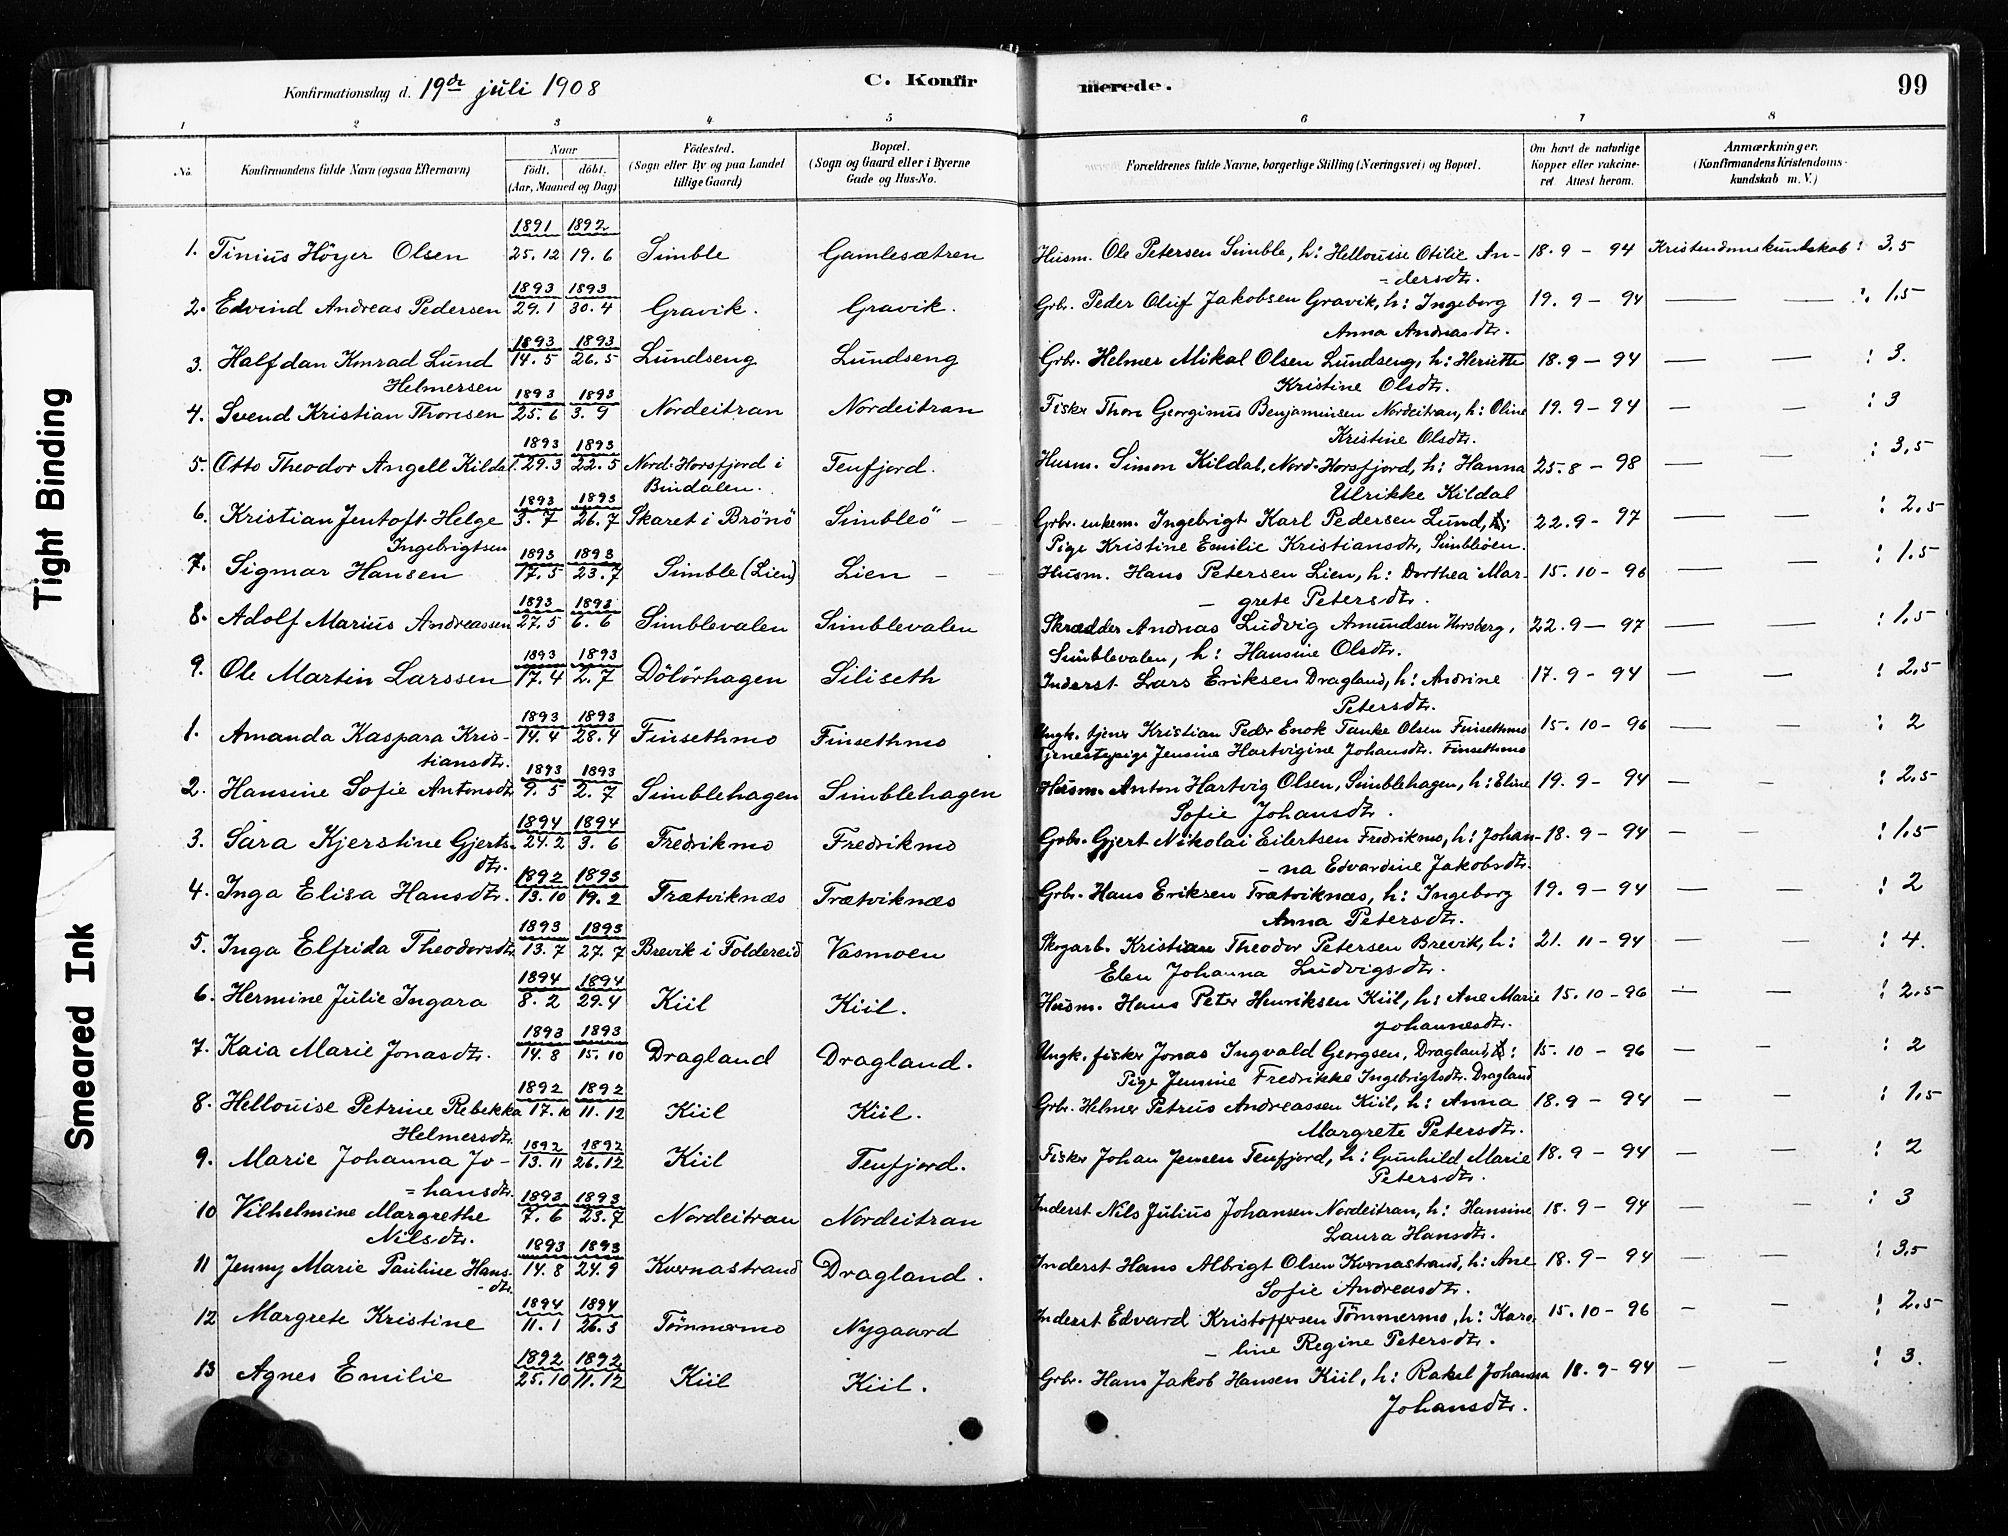 SAT, Ministerialprotokoller, klokkerbøker og fødselsregistre - Nord-Trøndelag, 789/L0705: Ministerialbok nr. 789A01, 1878-1910, s. 99